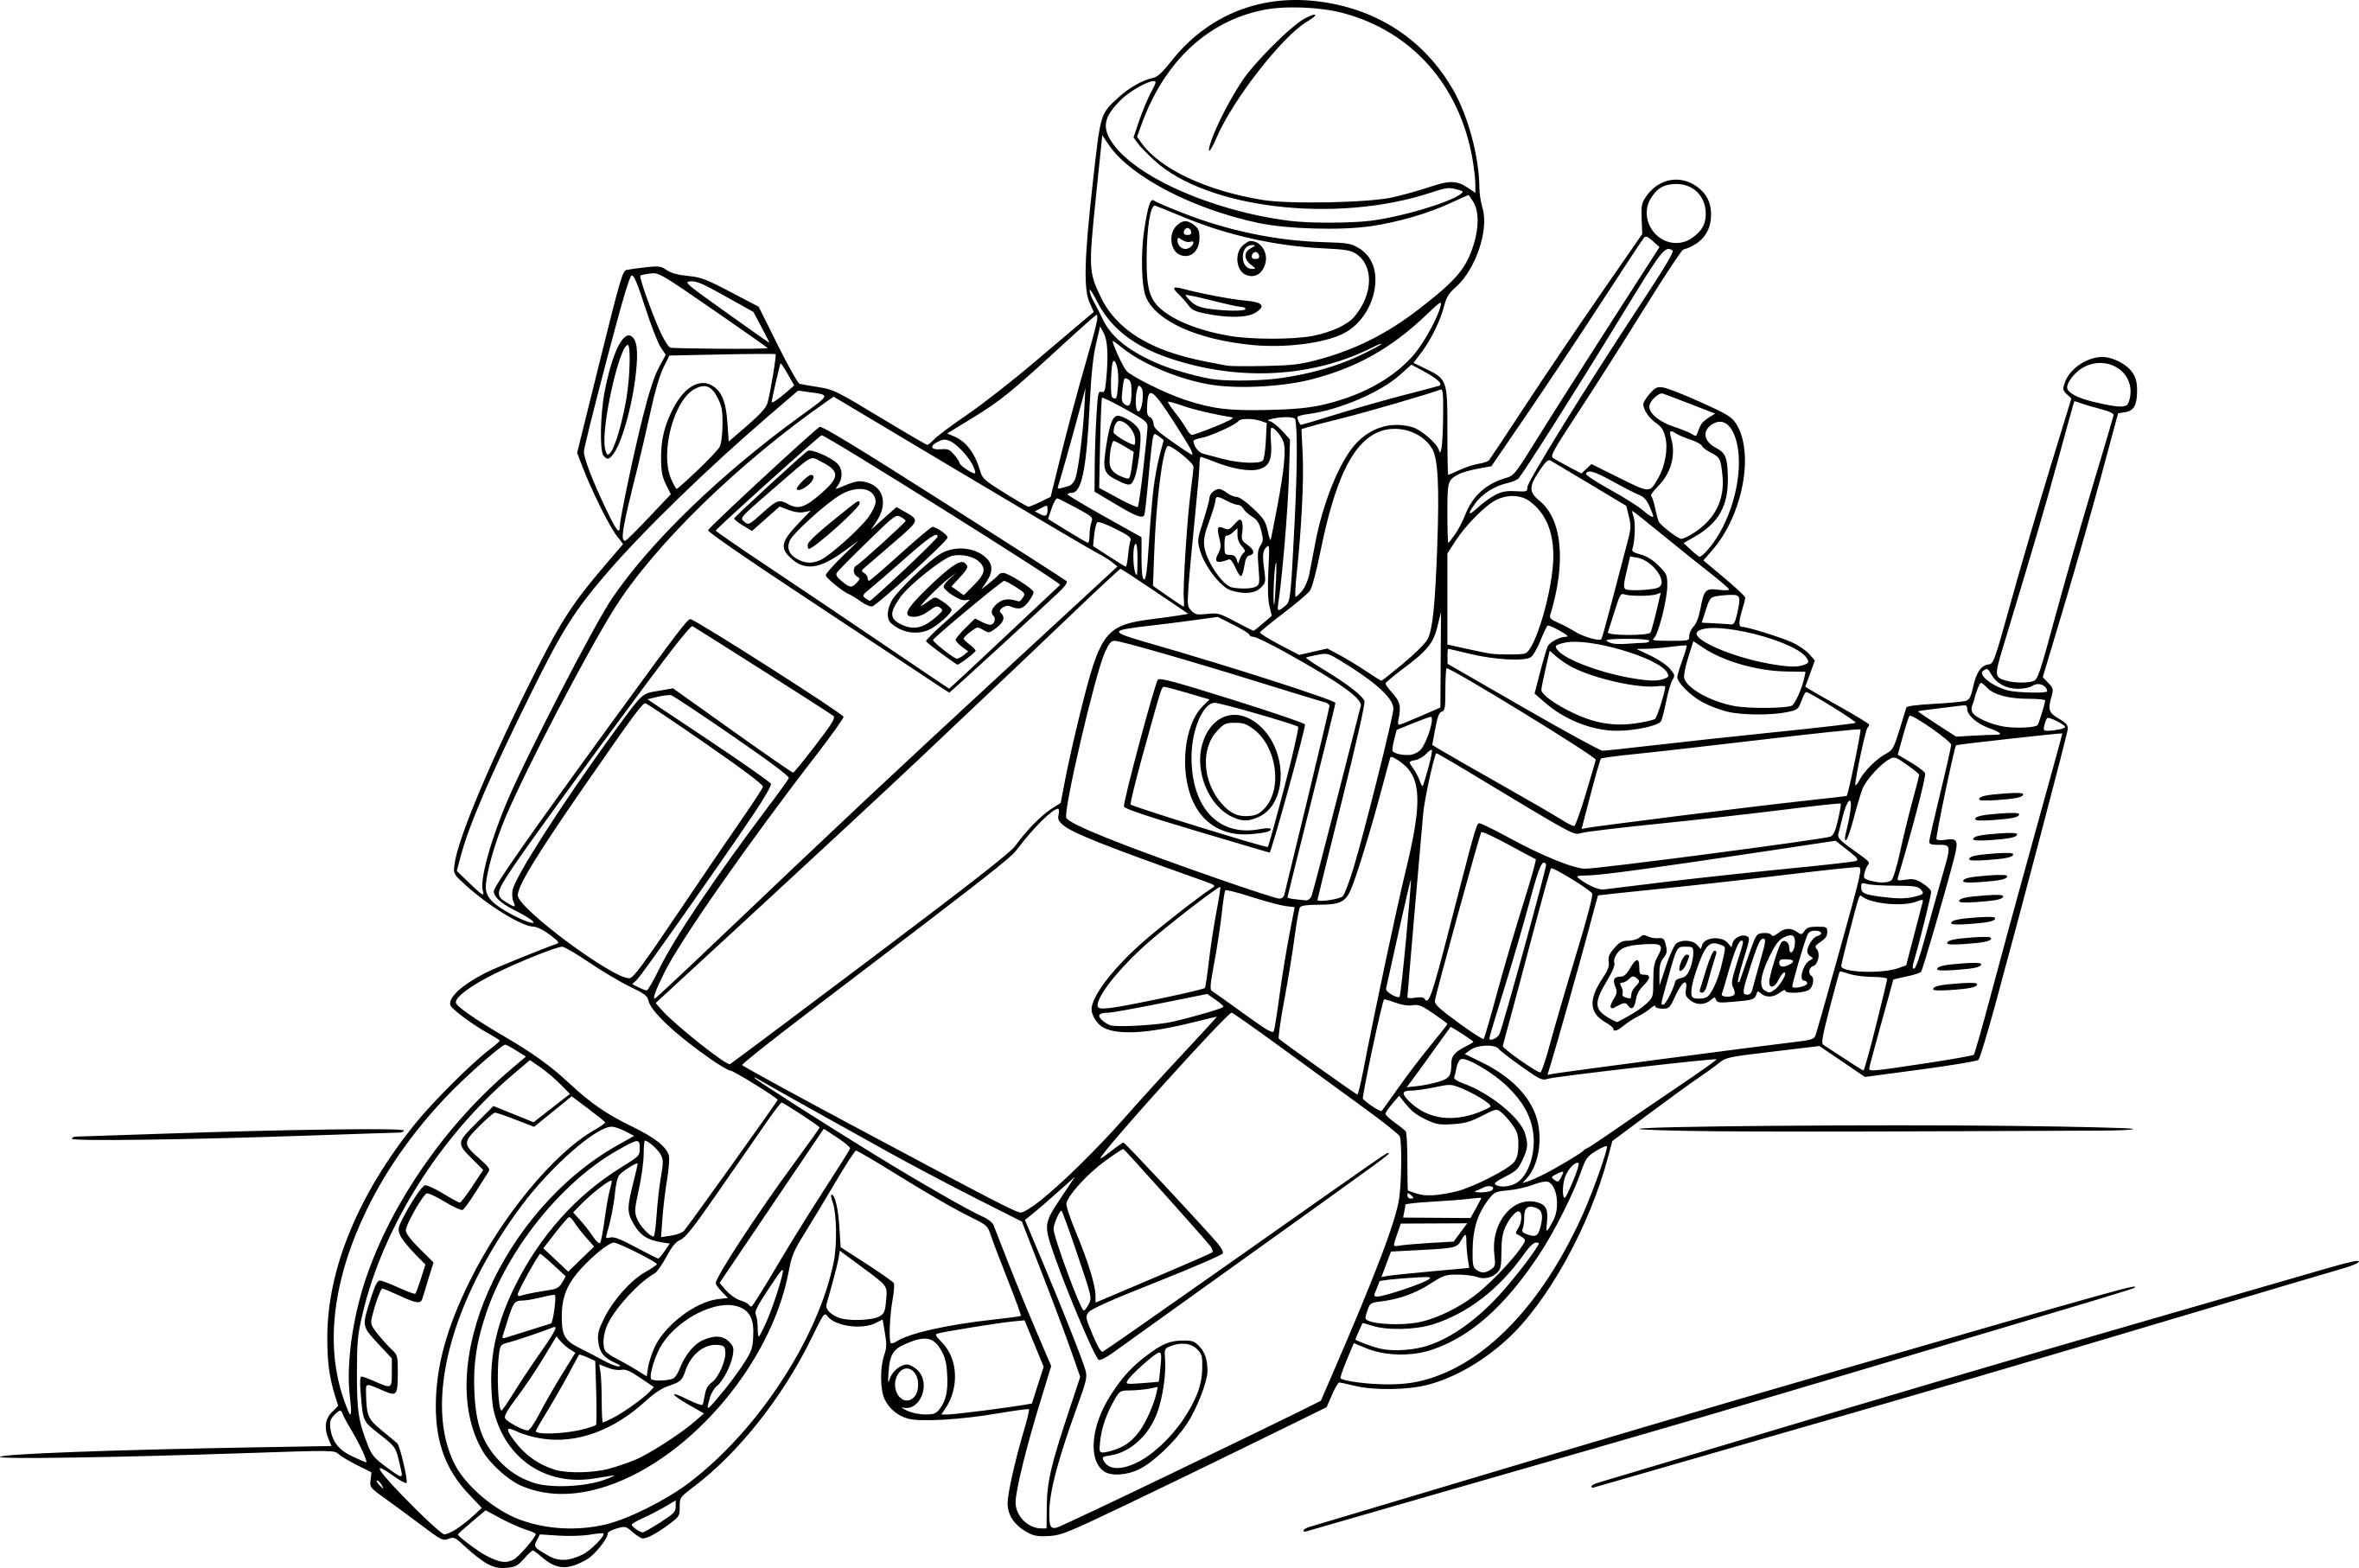 Coloriage Camion Lego.Coloriage A Imprimer Lego